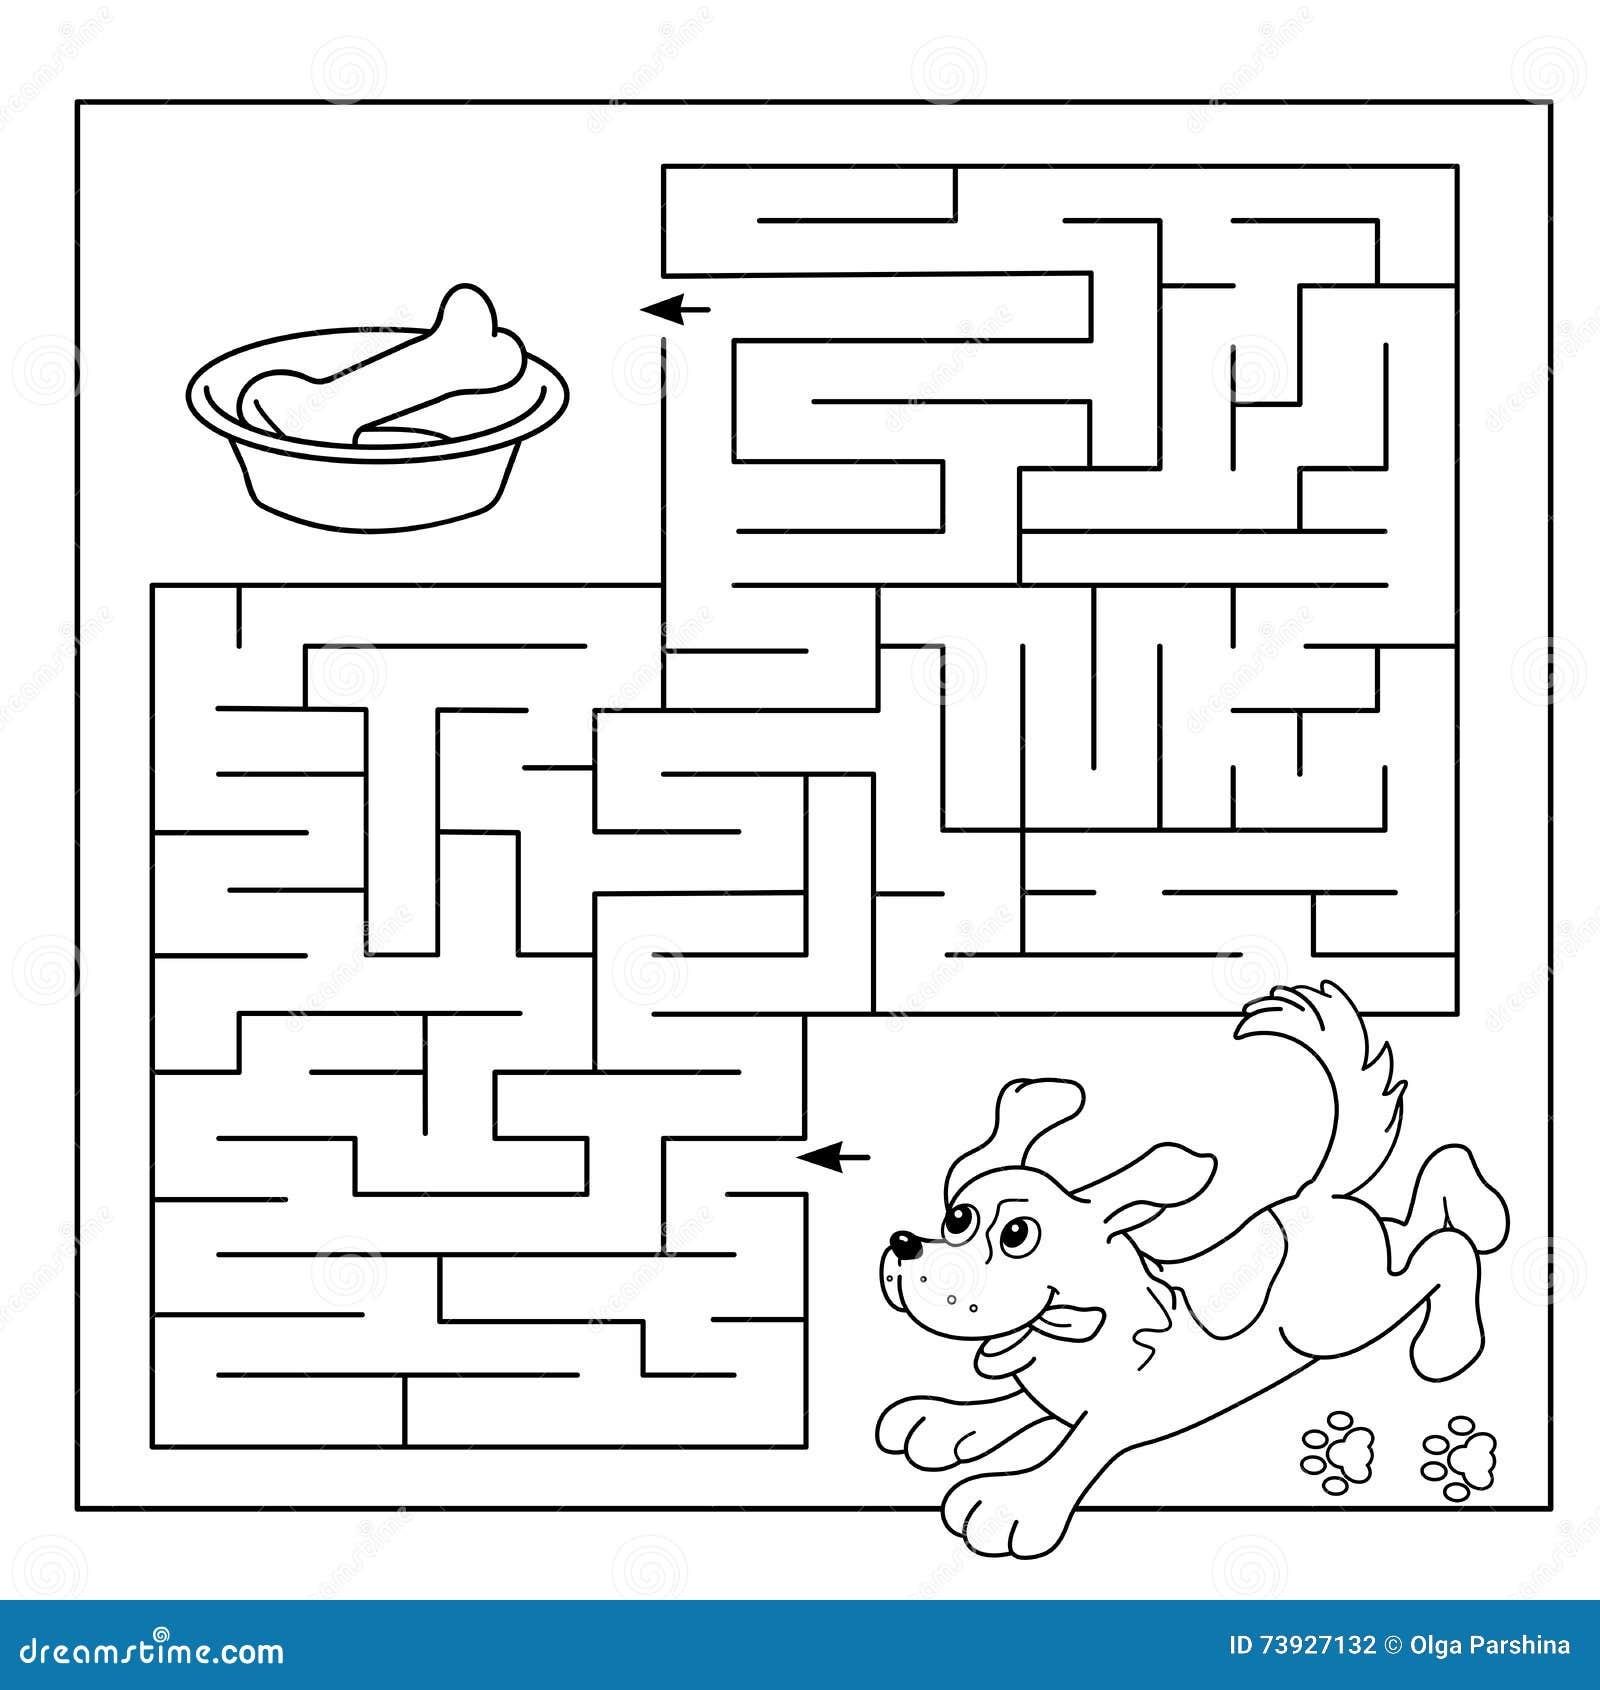 Bildungs-Labyrinth Oder Labyrinth-Spiel Für Vorschulkinder ...